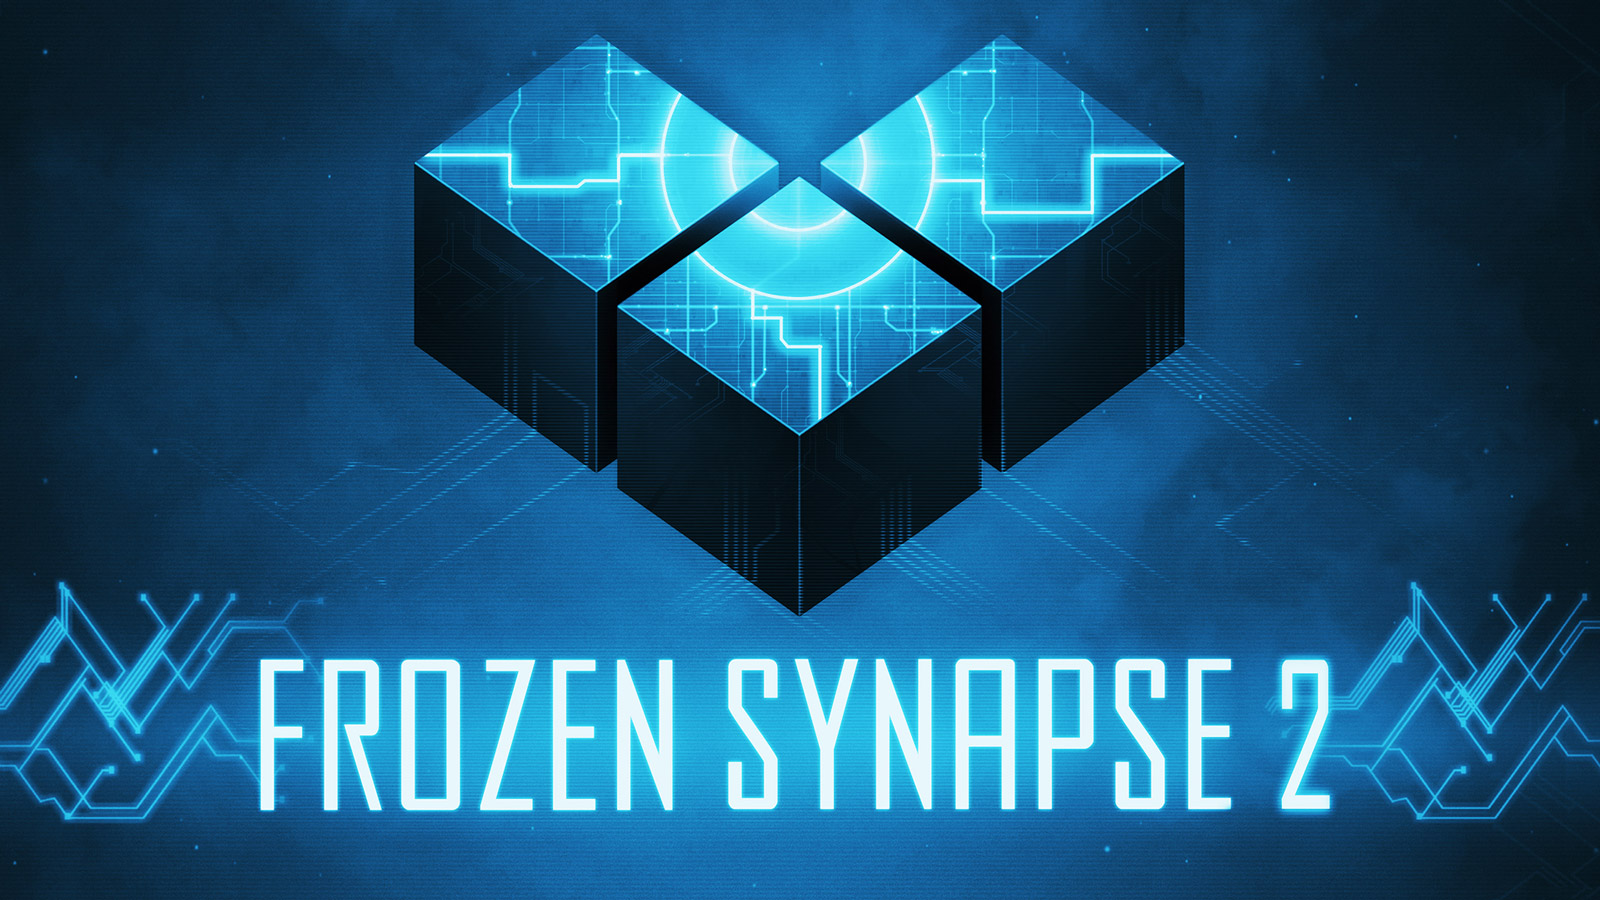 Free Frozen Synapse 2 Wallpaper in 1600x900